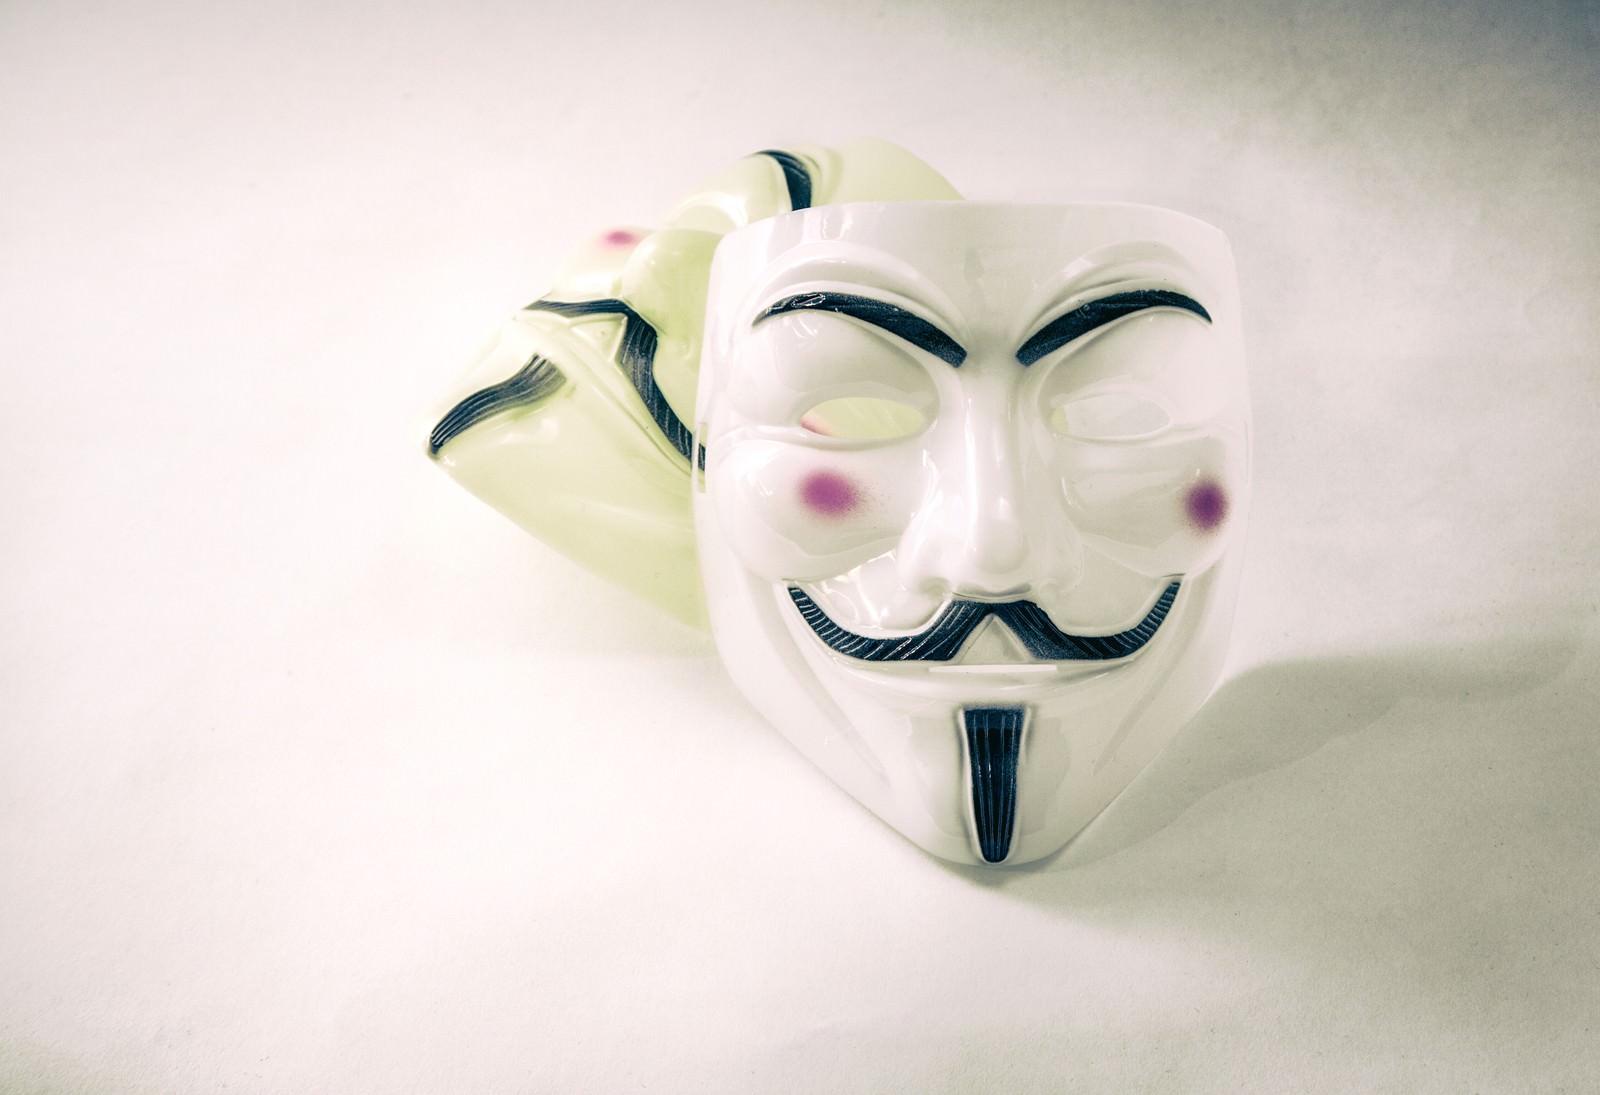 「不気味な表情の仮面」の写真